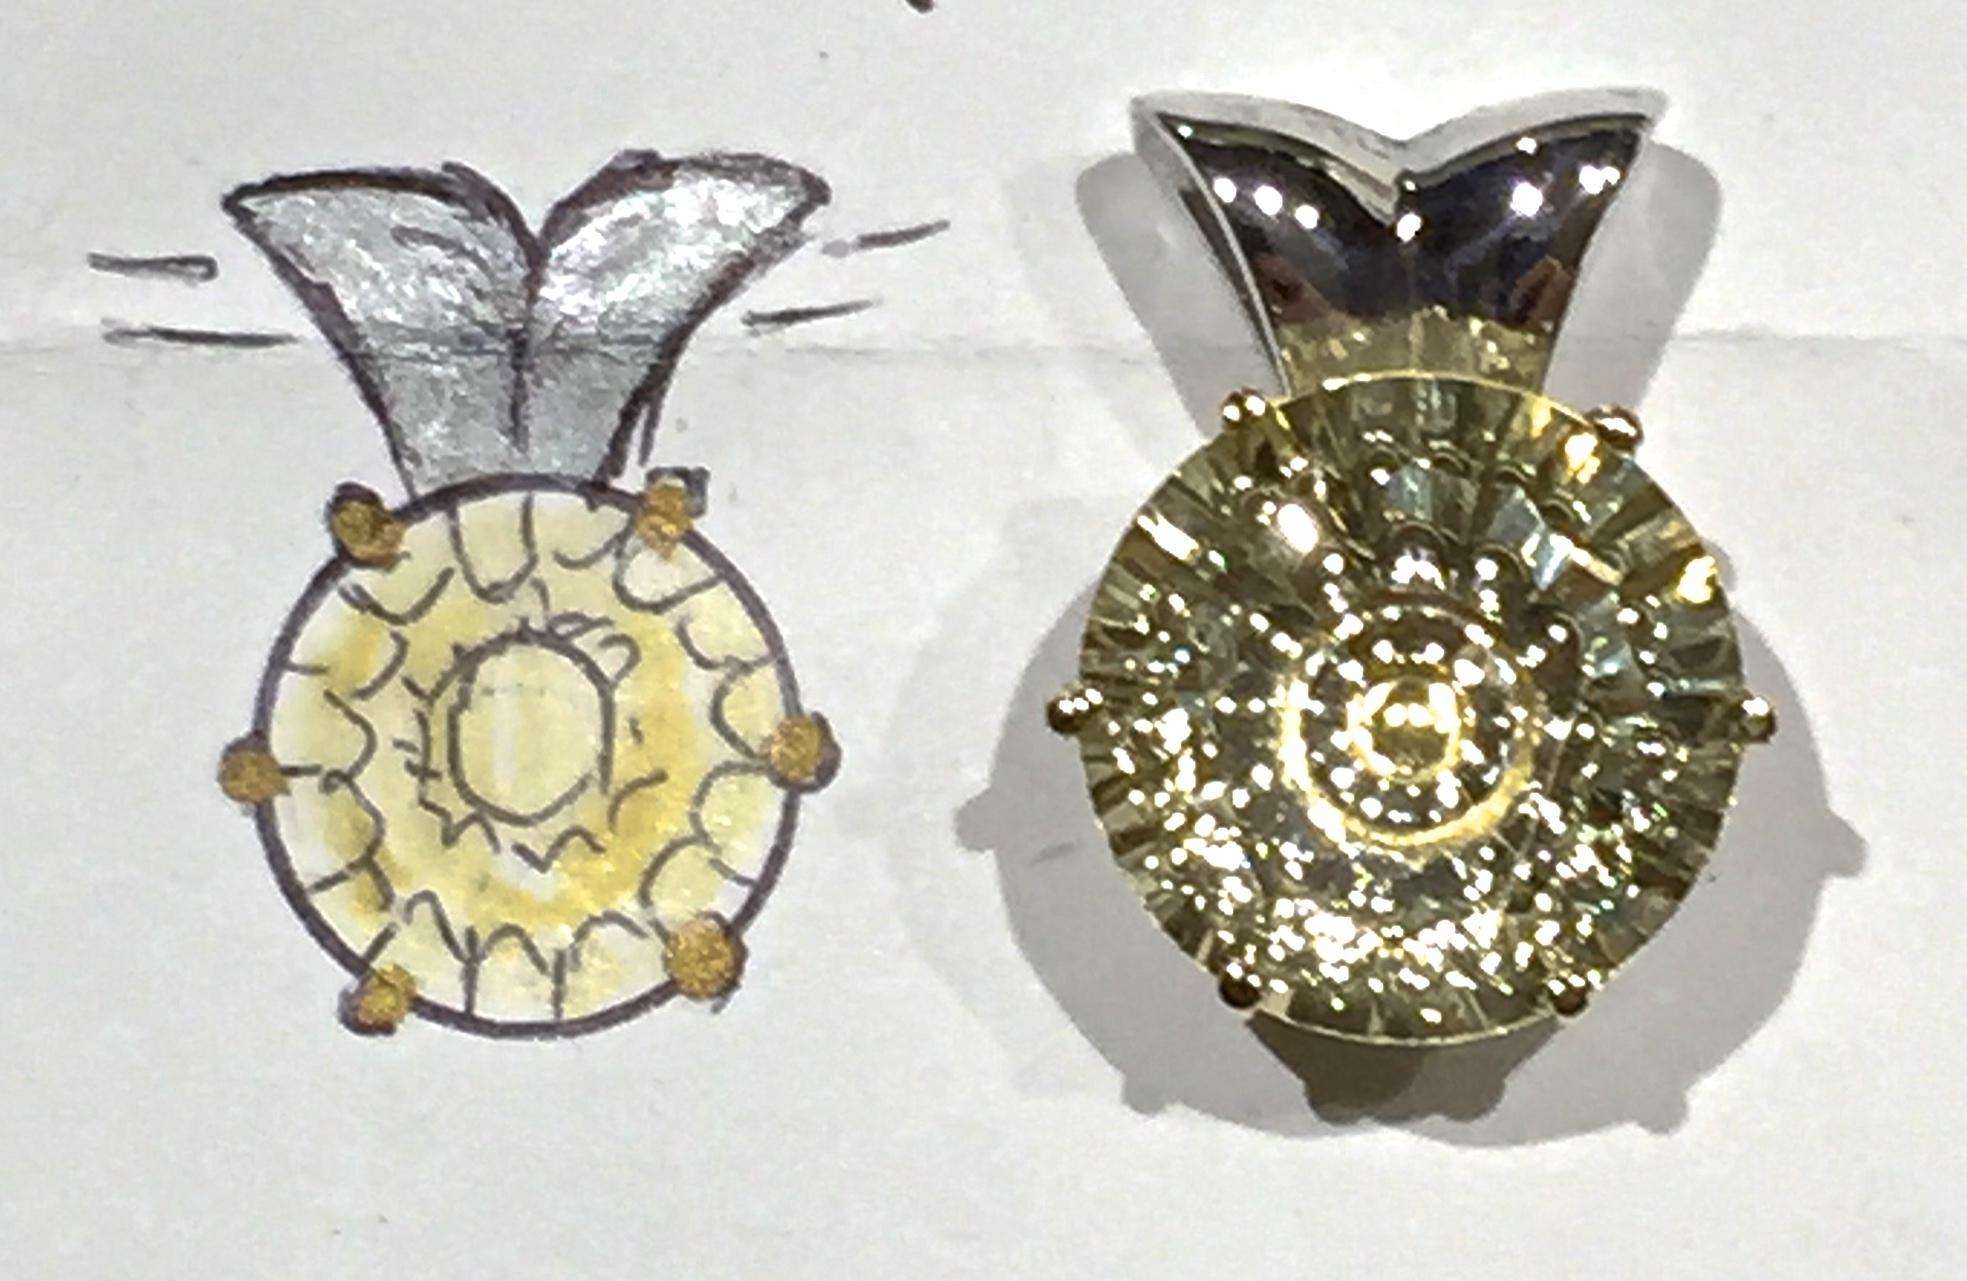 unique-gemstone-pendant-custom-made-lemon-quartz-pendant-craft-revival-jewelry-store-grand-rapids